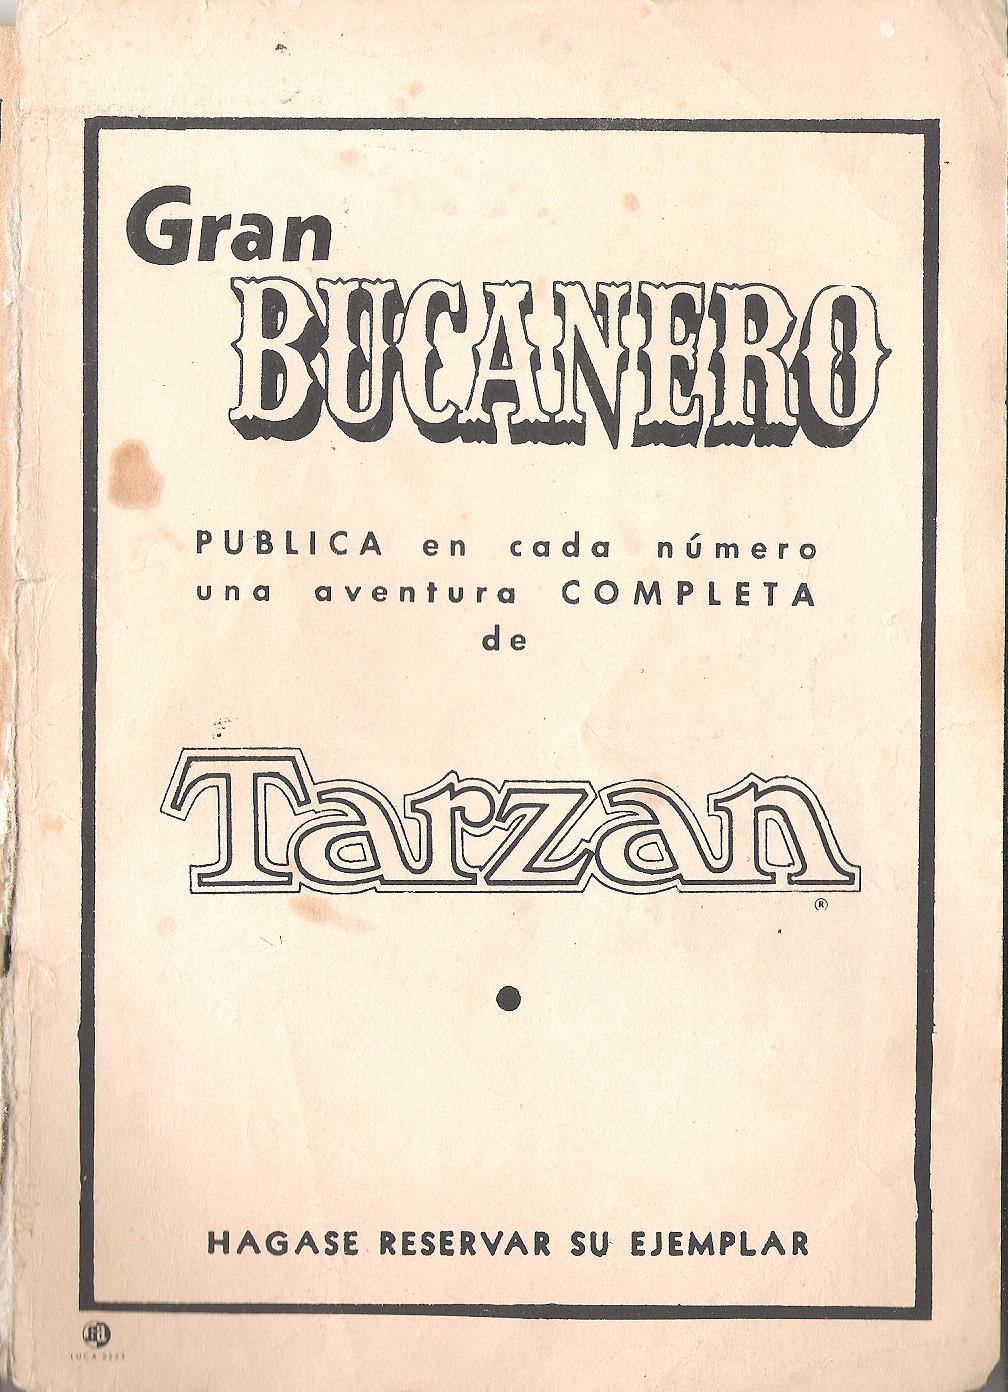 EN LA TAPA POSTERIOR ESTABA LA PUBLICIDAD DE OTRA DE LAS REVISTAS QUE COMPLETABAN LA TRILOGIA DE HISTORIETAS: LA GRAN BUCANERO , que publicaba una aventura completa de TARZAN